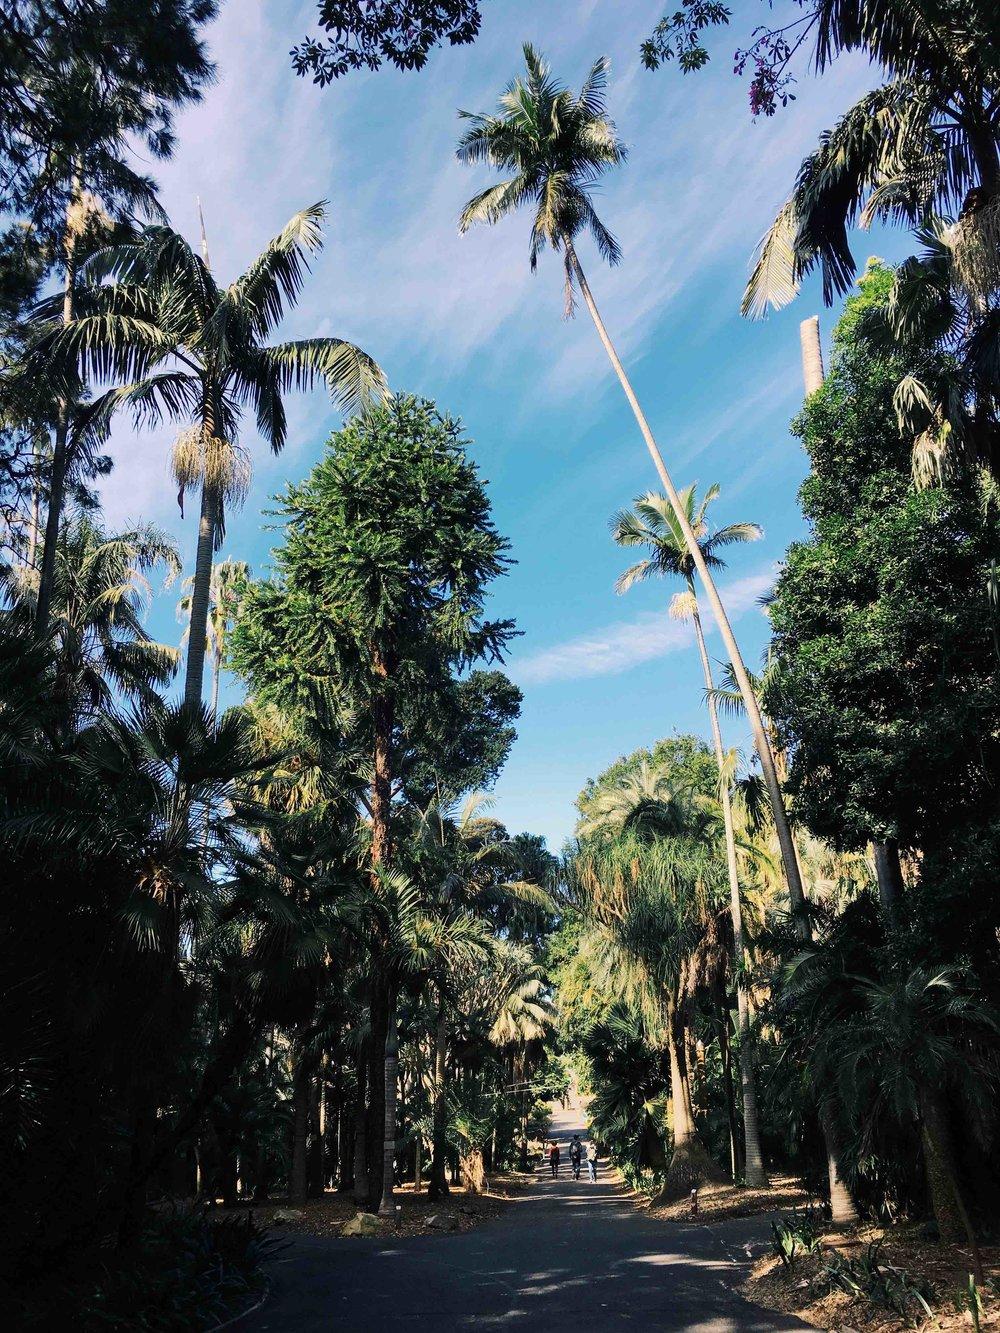 The beautiful pathways of Sydney Botanic Gardens with palm trees. Photo: Marine Raynard